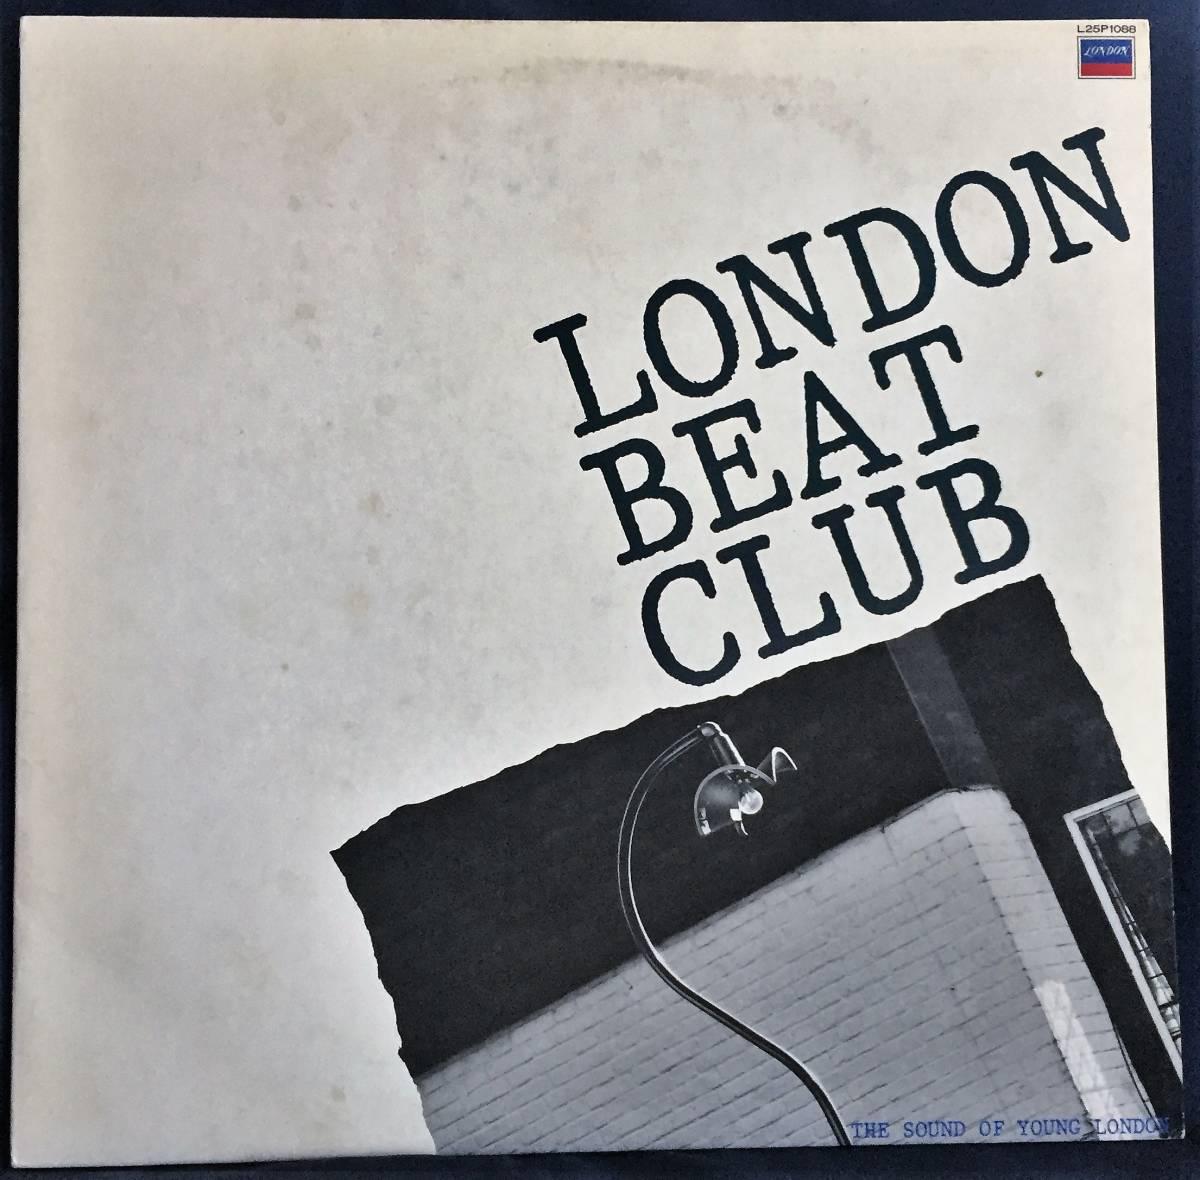 見本盤 sample 解説付 LP ロンドン・ビート・クラブ LONDON BEAT CLUB L25P-1088_画像1